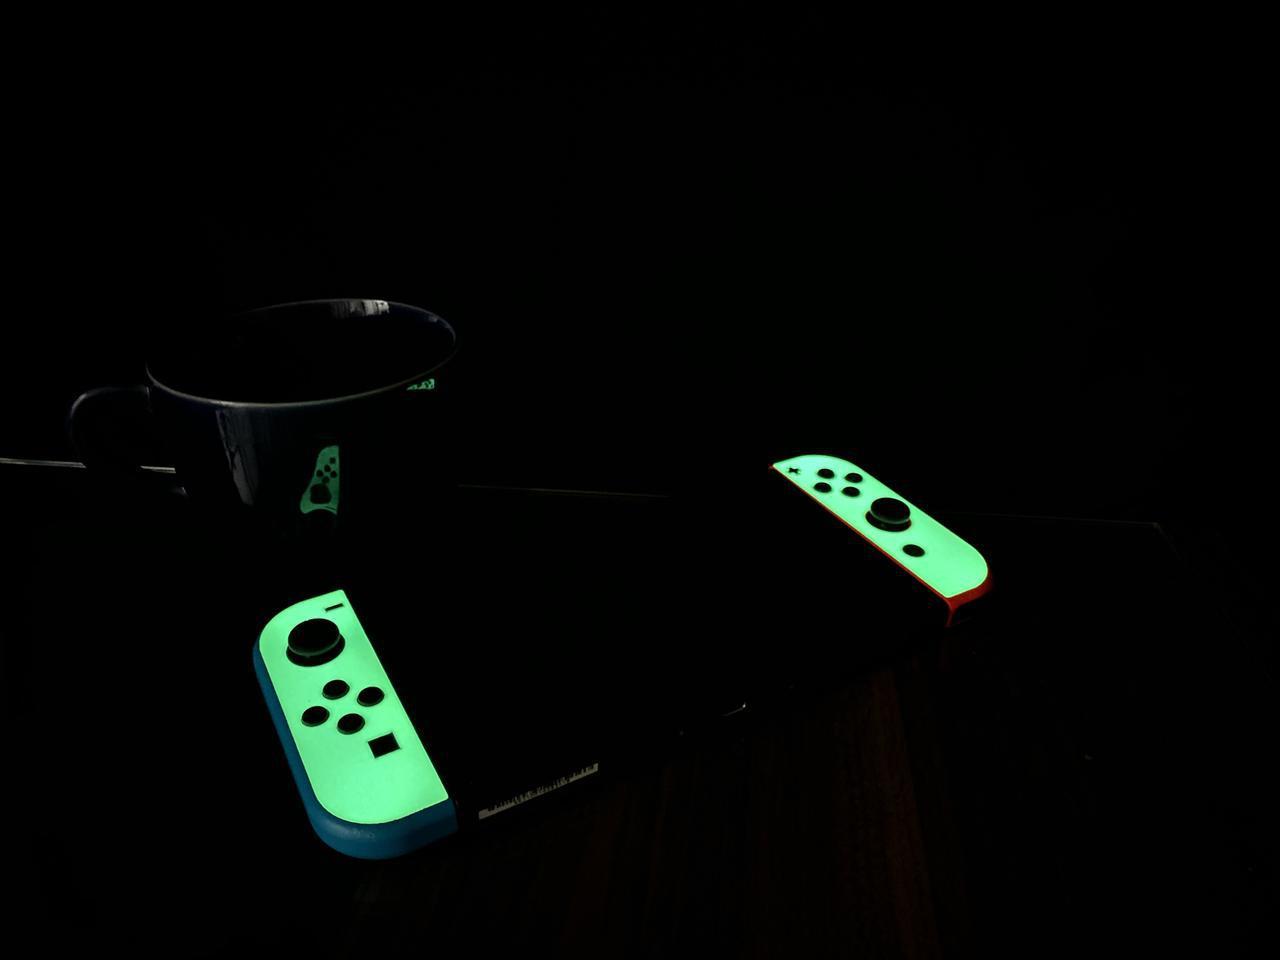 画像2: 「Glow HOTARU(グローホタル)」について詳しく知りたい方はこちらをチェック!